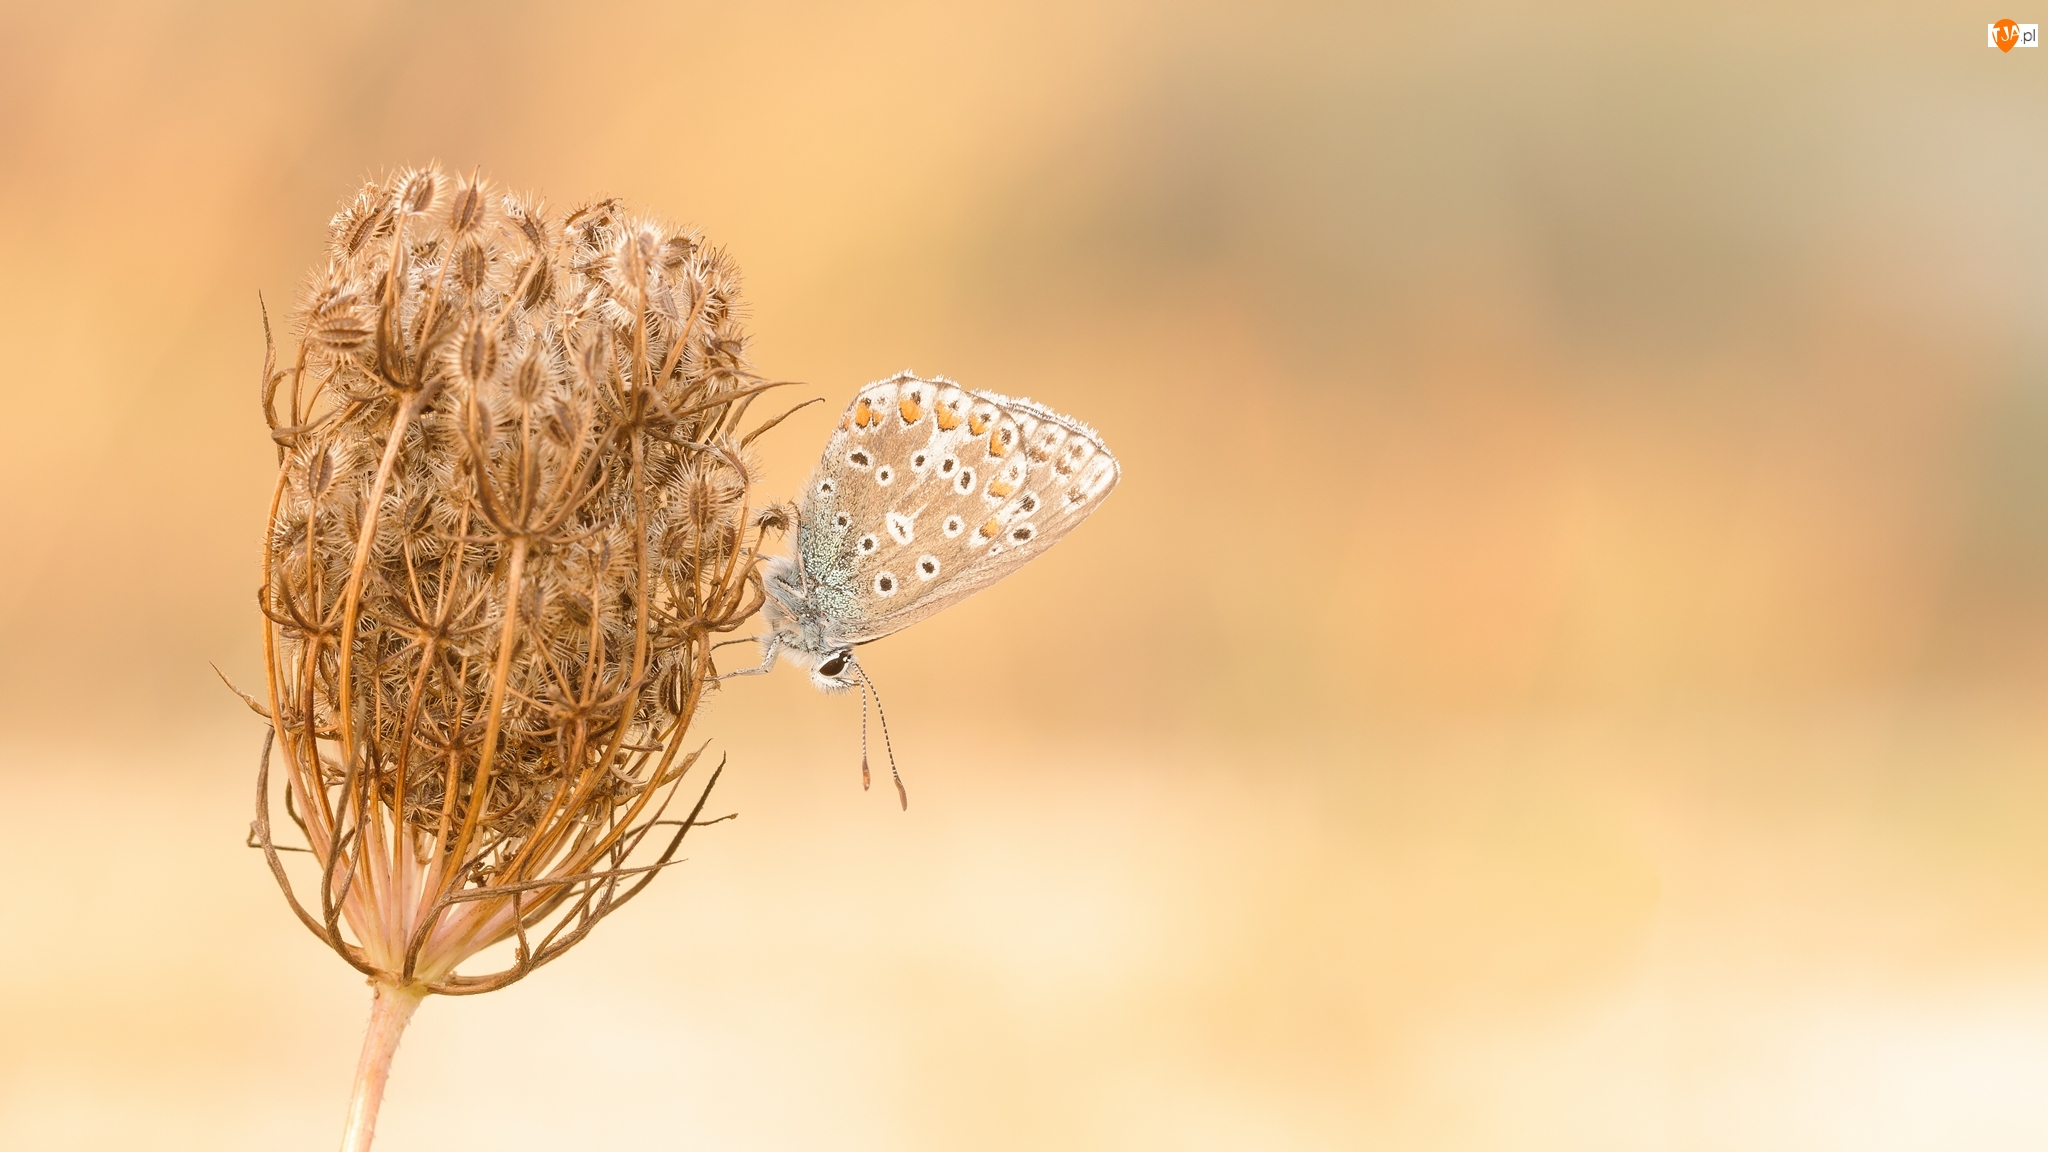 Modraszek ikar, Roślina, Marchew zwyczajna, Motyl